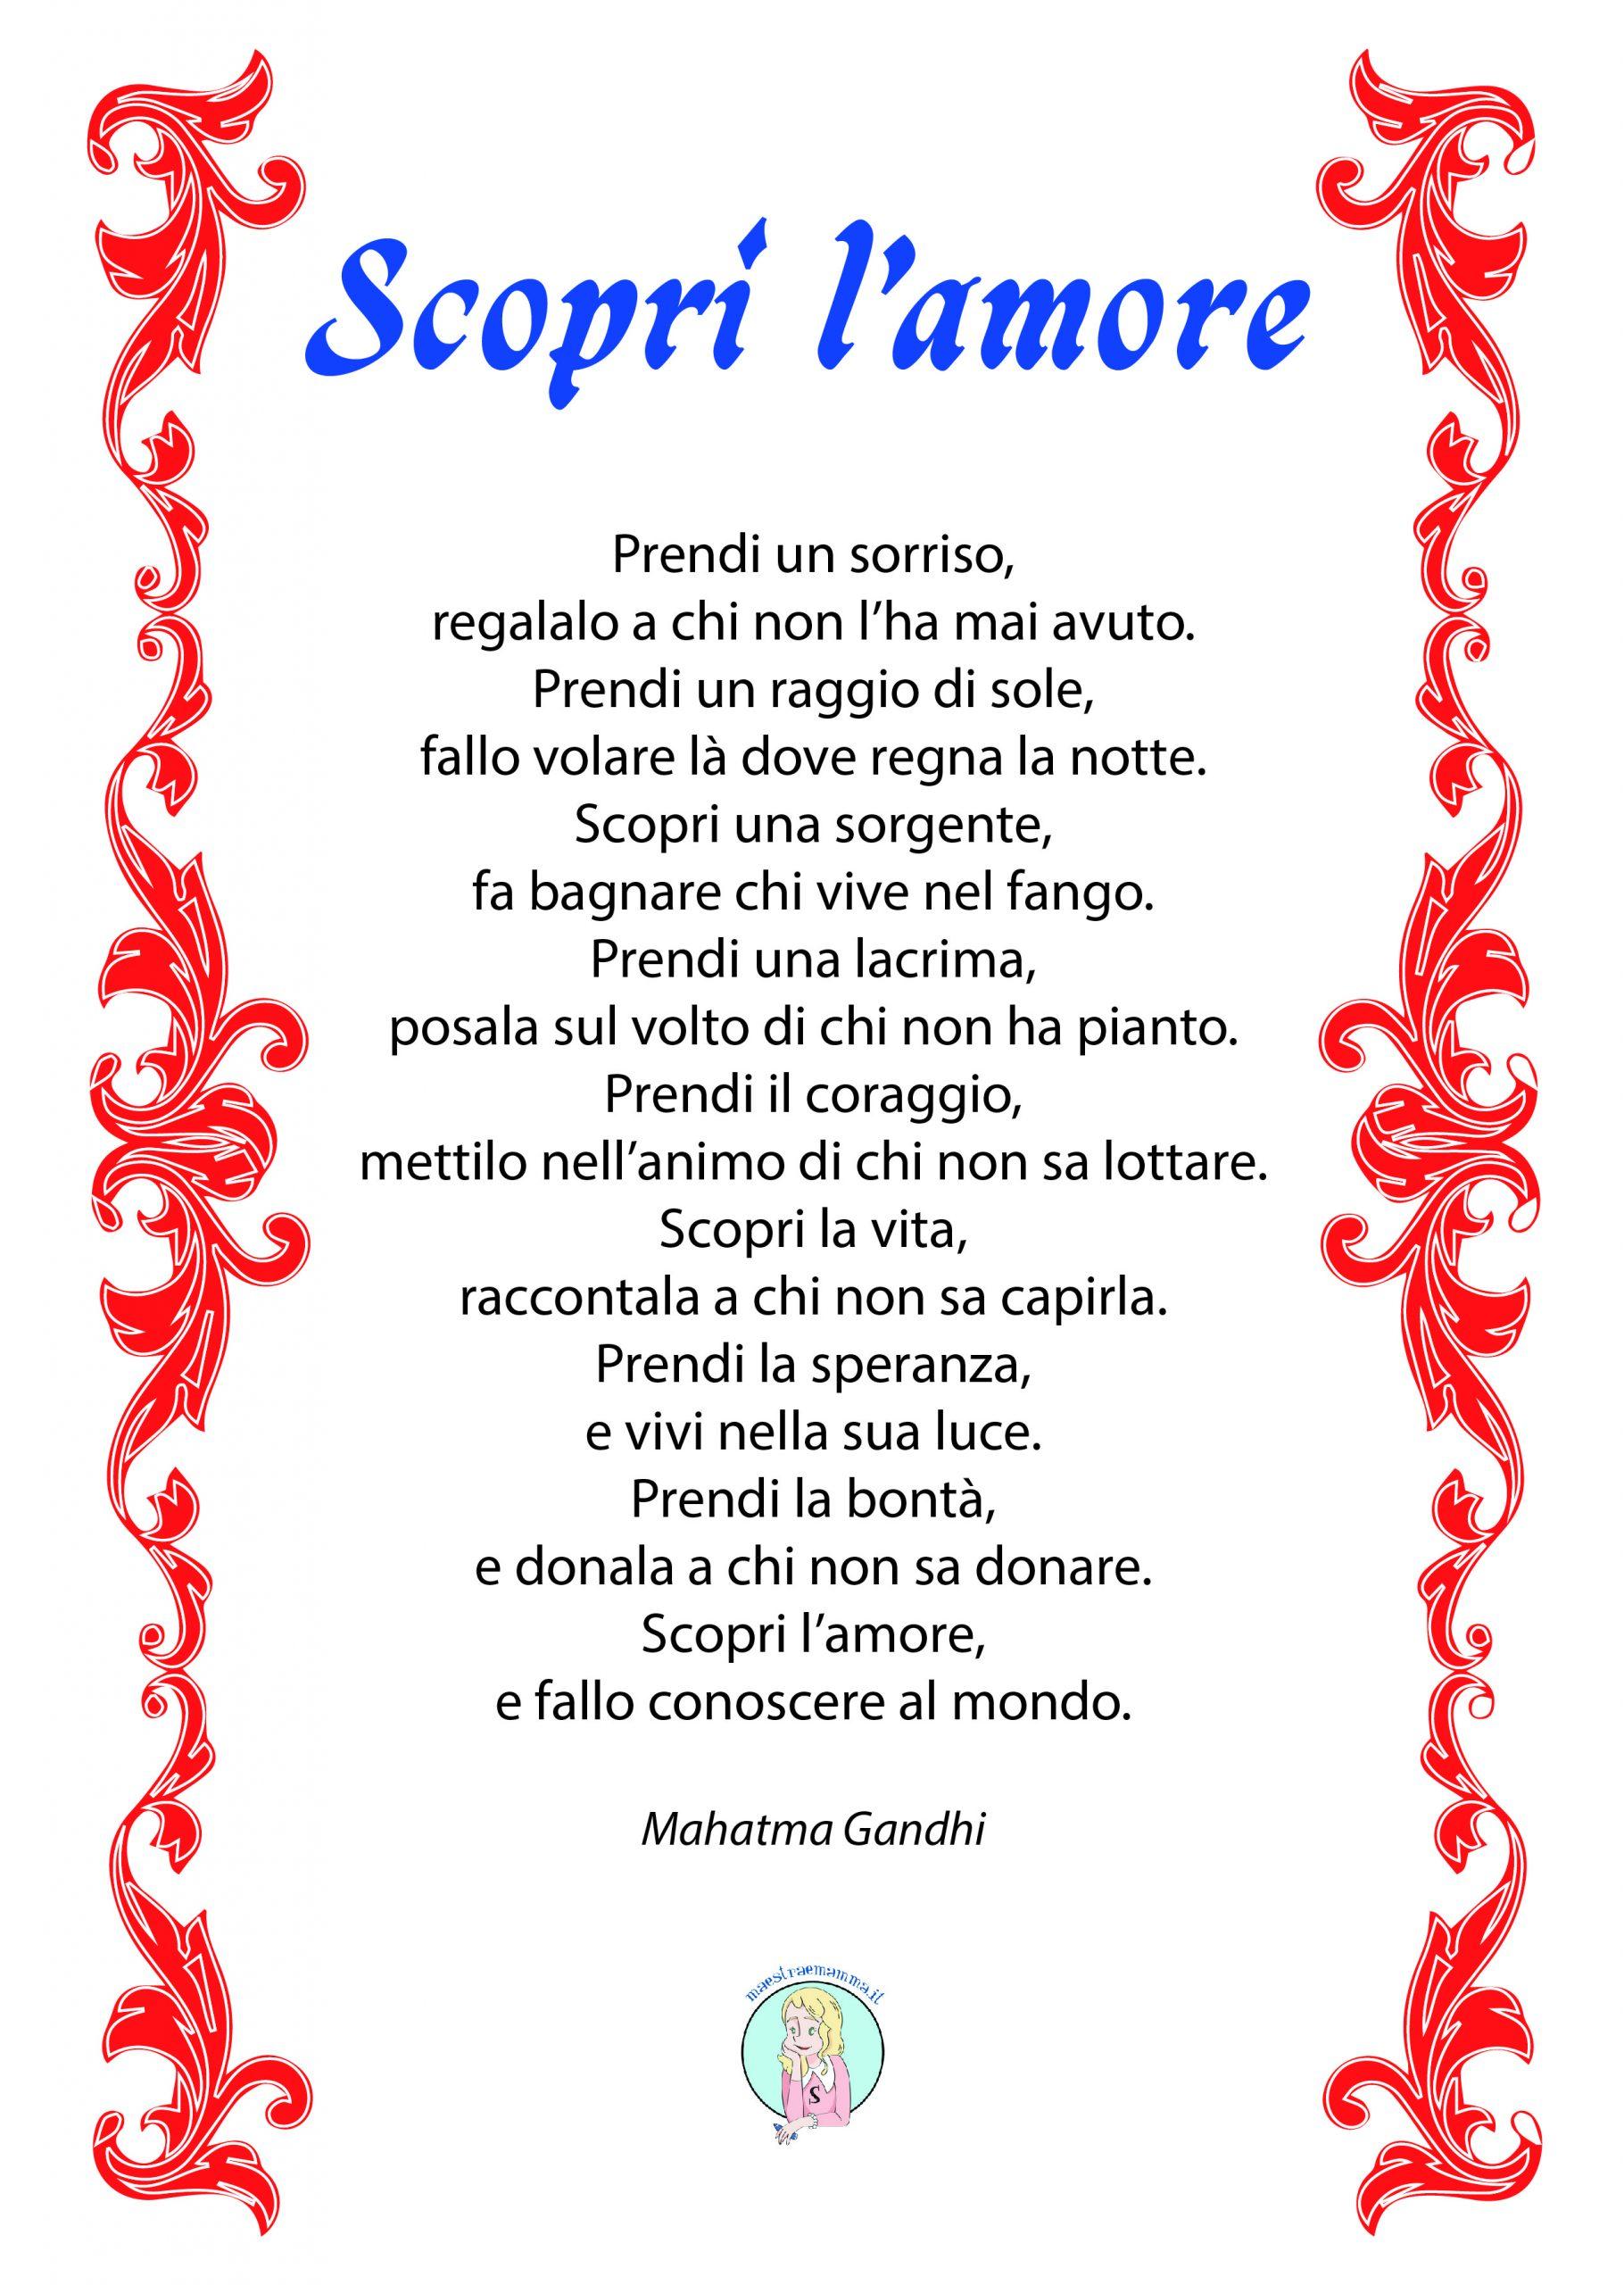 scopri l'amore poesia di san valentino di MAHATMA GANDHI